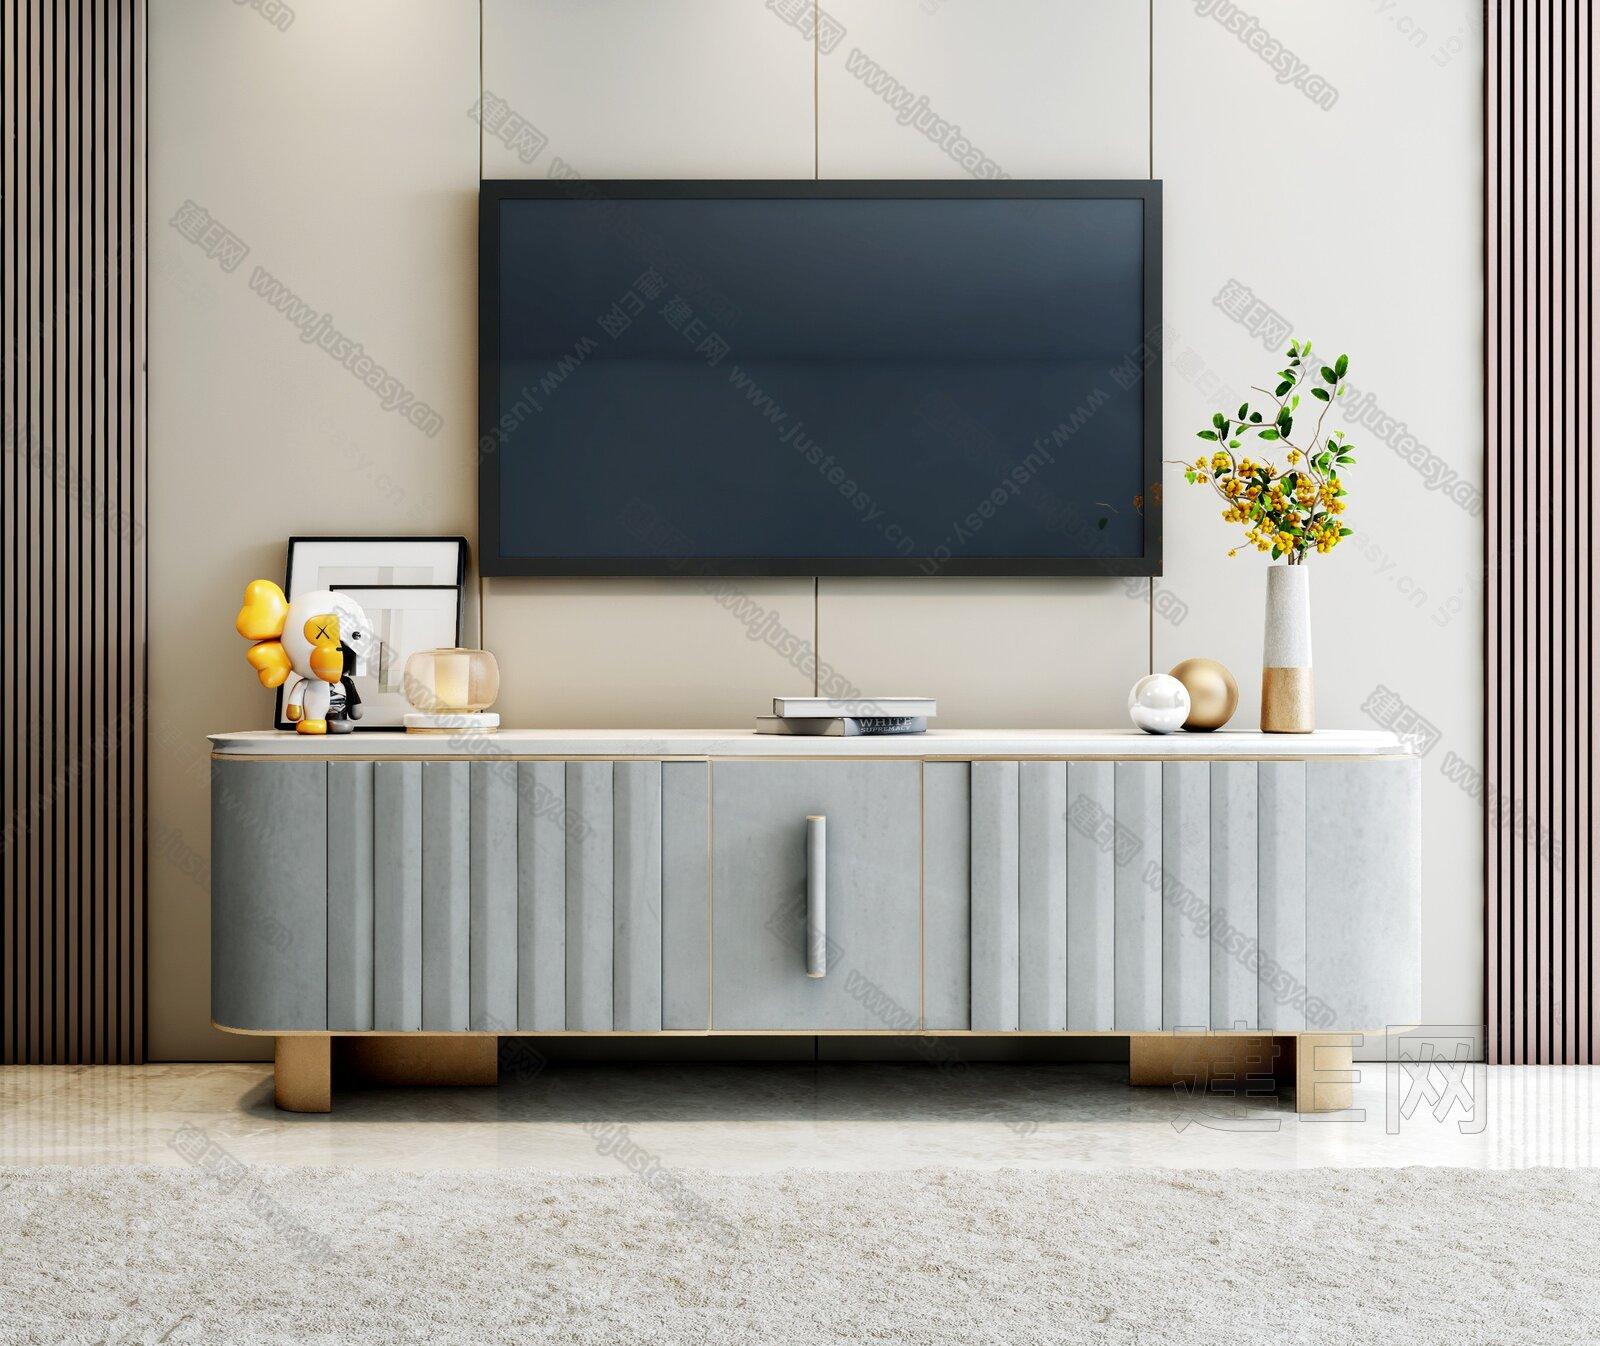 现代轻奢电视柜饰品组合3d模型